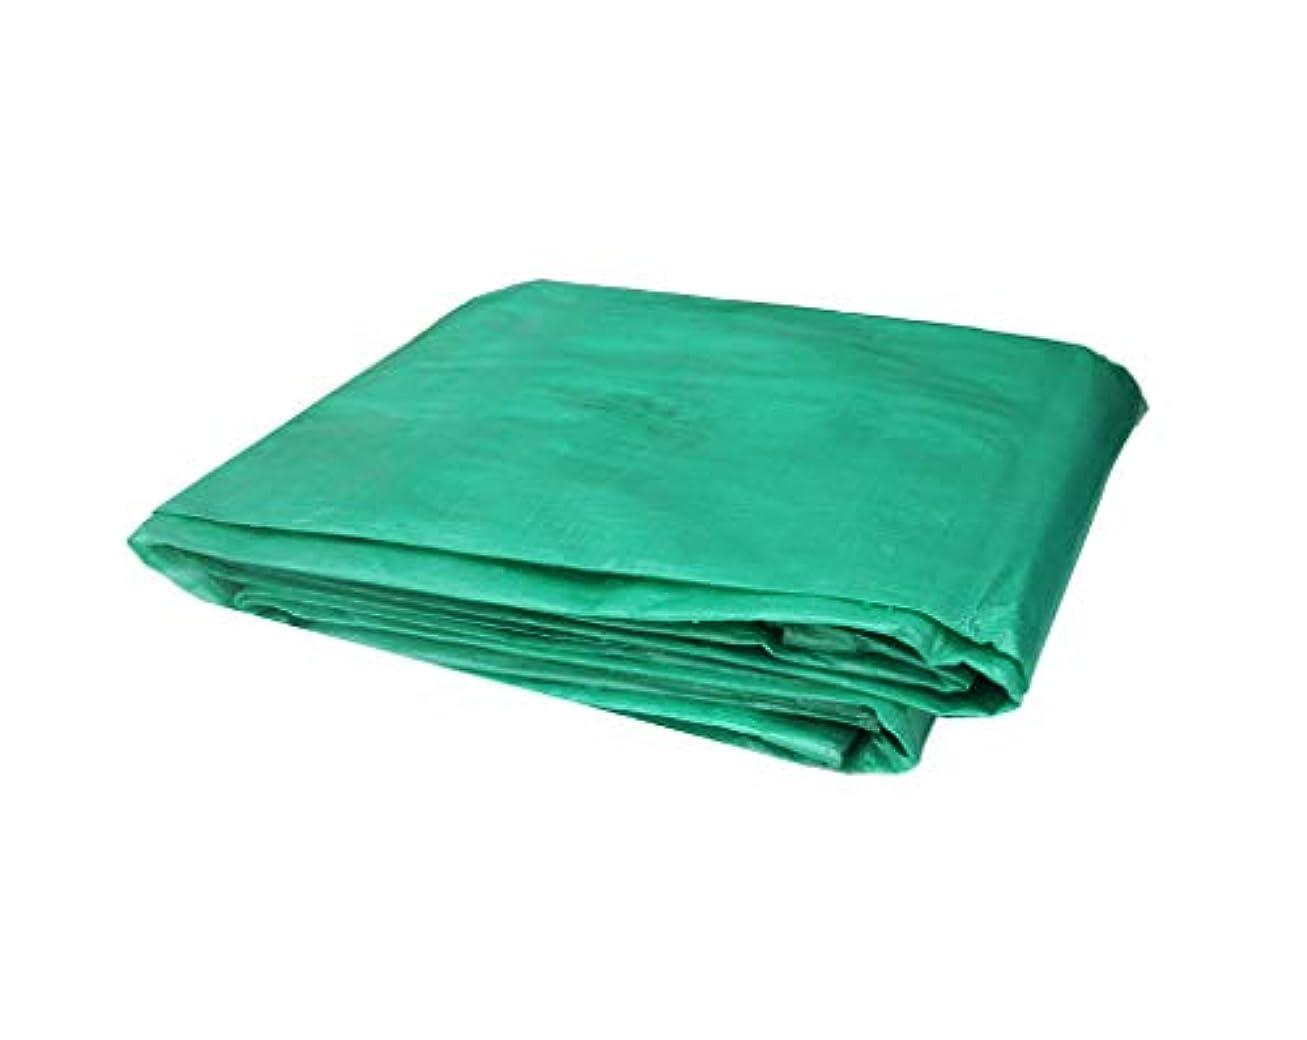 ただやる小道具対応する家庭用防水シート ヘビーデューティターポリン、屋外ピクニックキャンプ用高密度編みポリエチレン/ 100%防水、UV耐性 商品を覆うバルコニー (Size : 2m*3m)